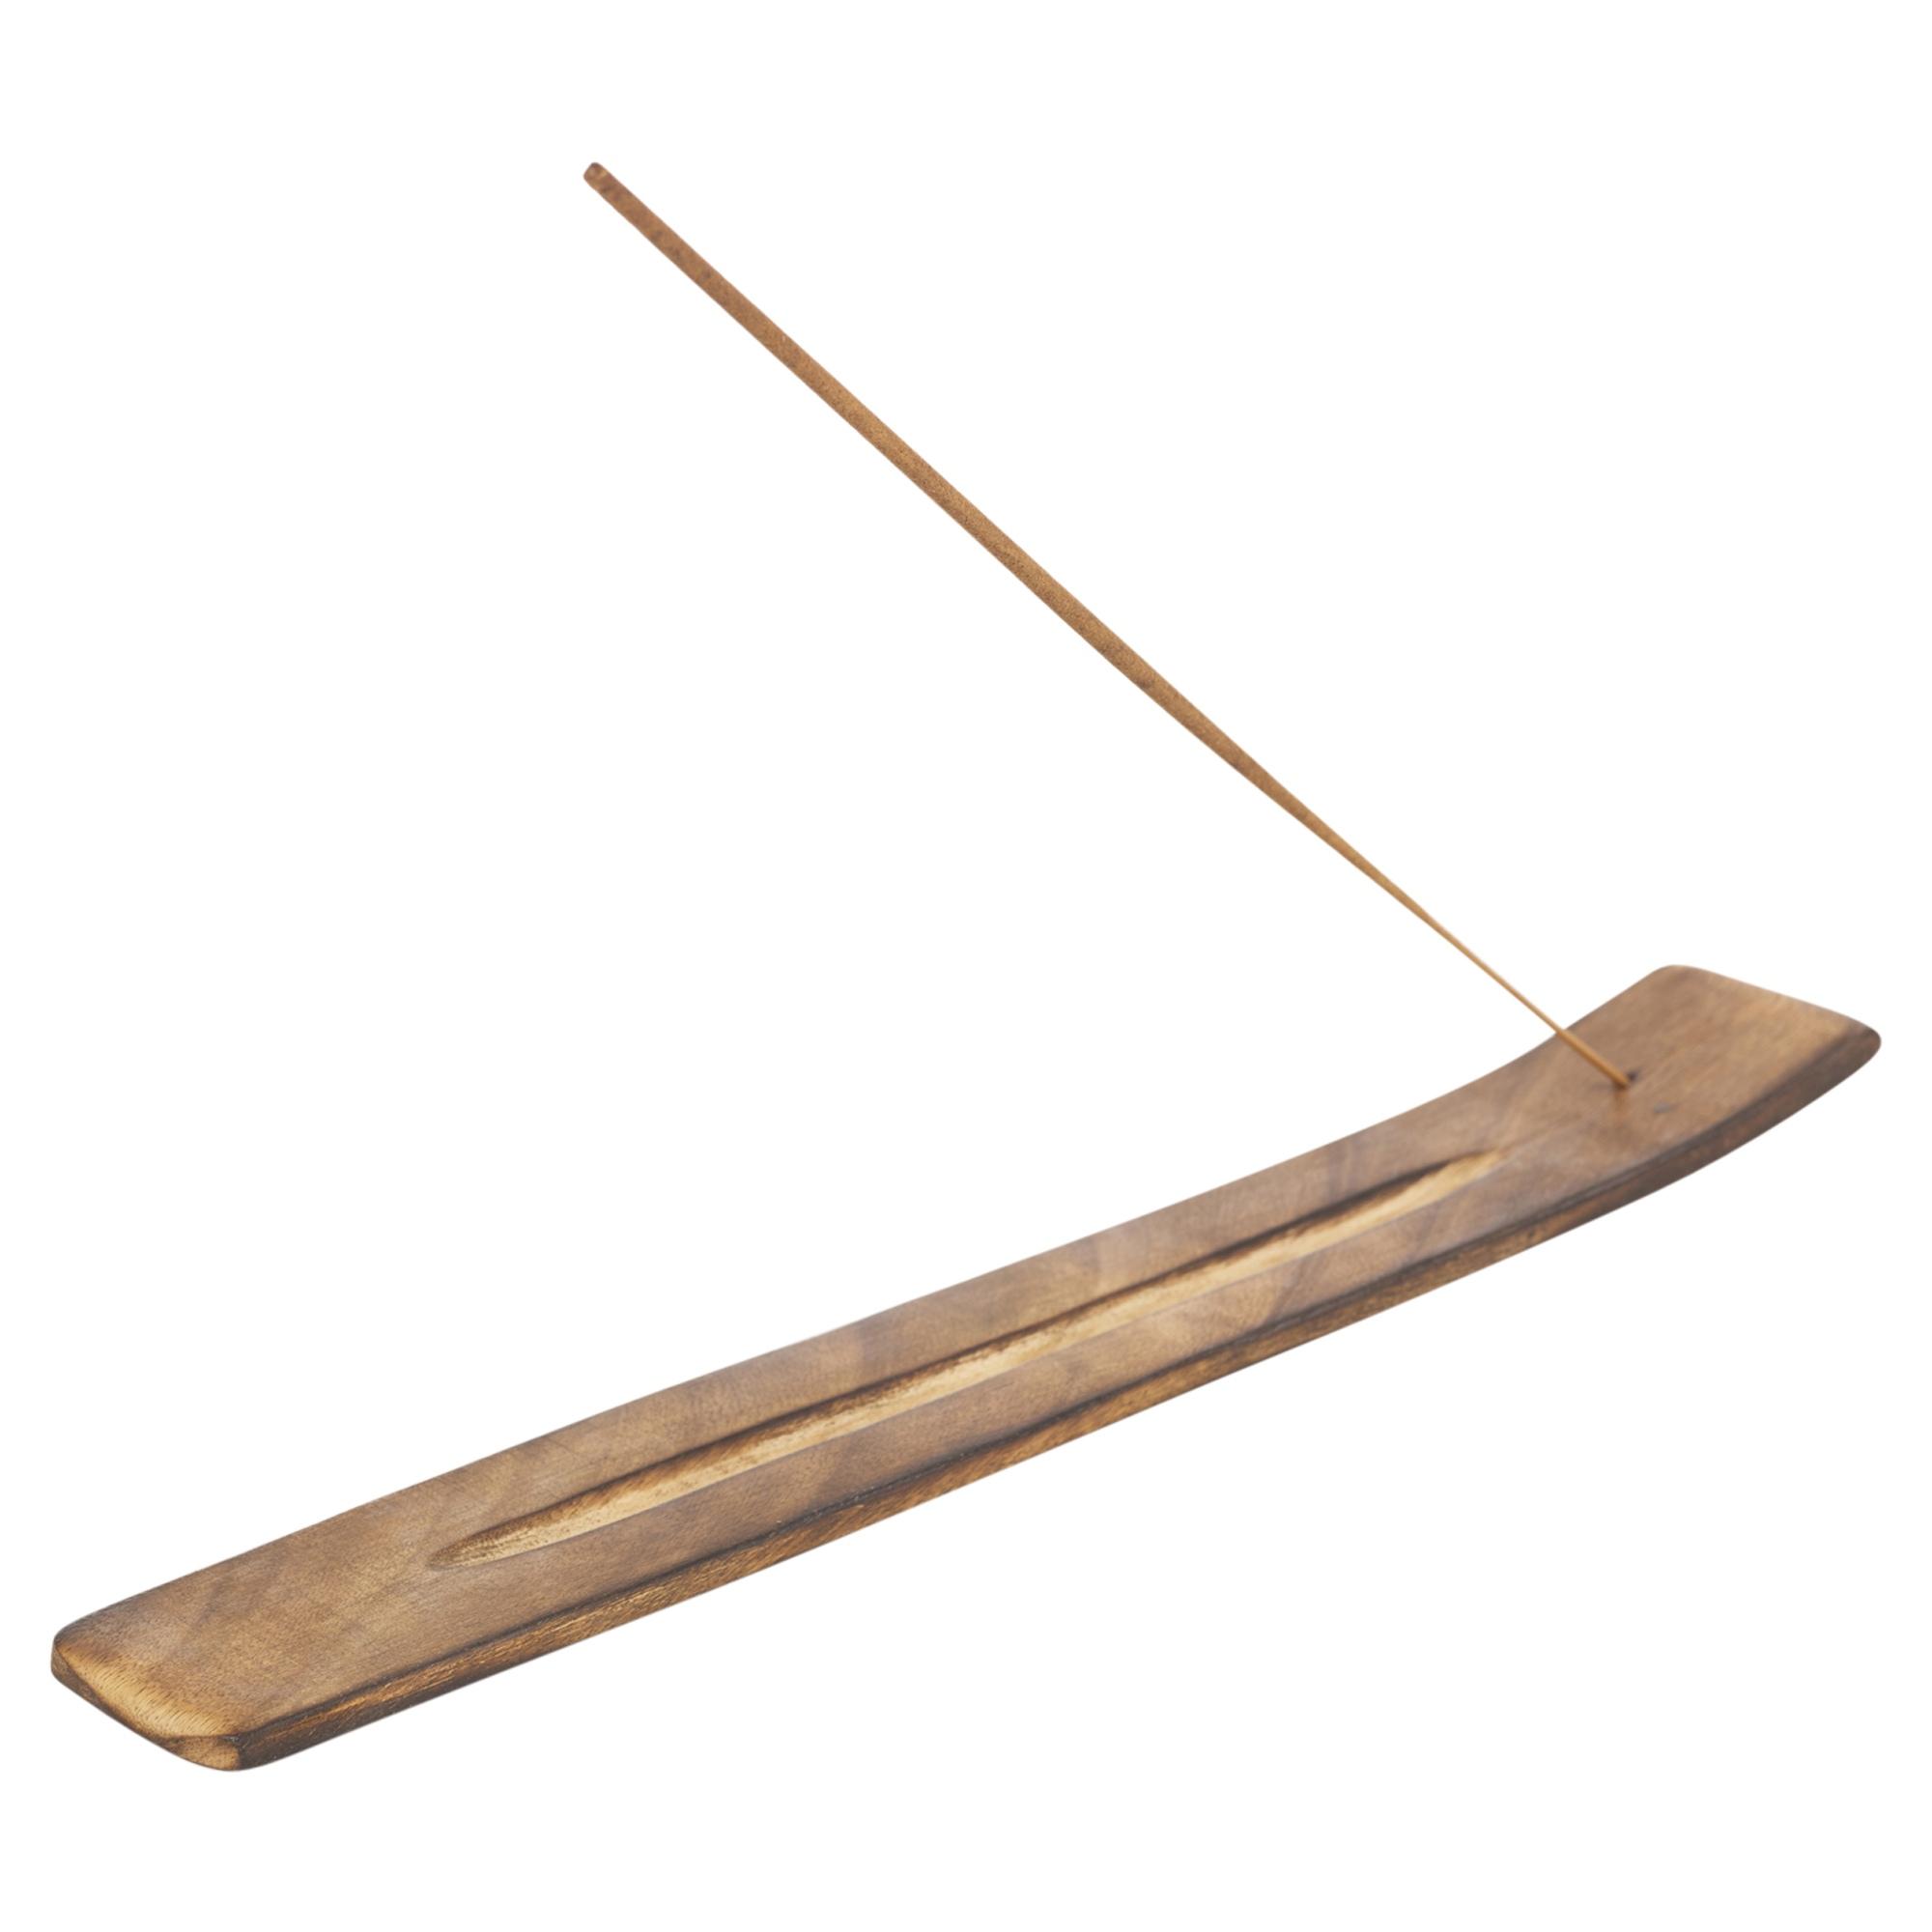 20 Wooden Incense Sticks Holder Set Burner Ash Catcher